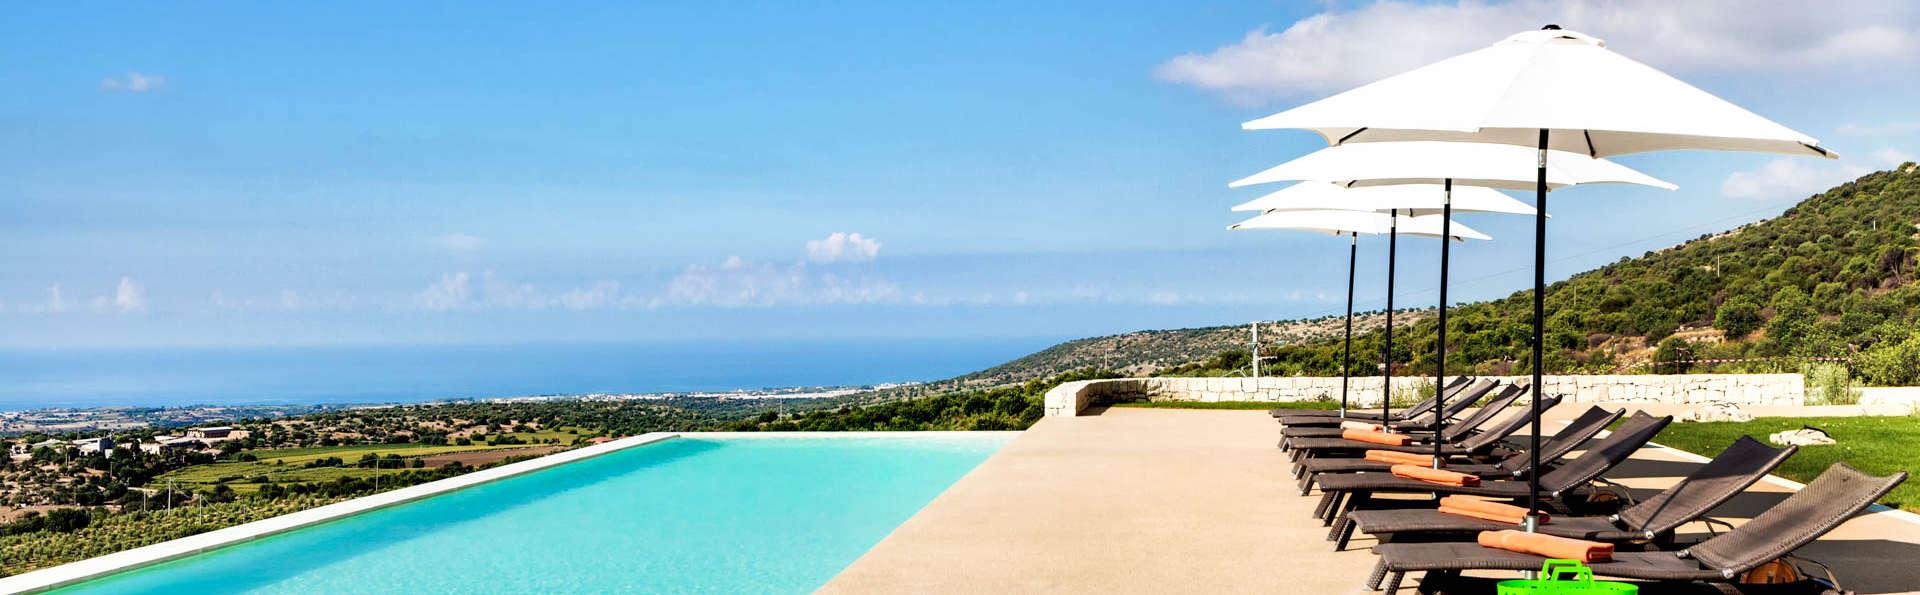 Une oasis de paix sur la côte aztèque à Ragusa avec surclassement en chambre supérieure et petit déj